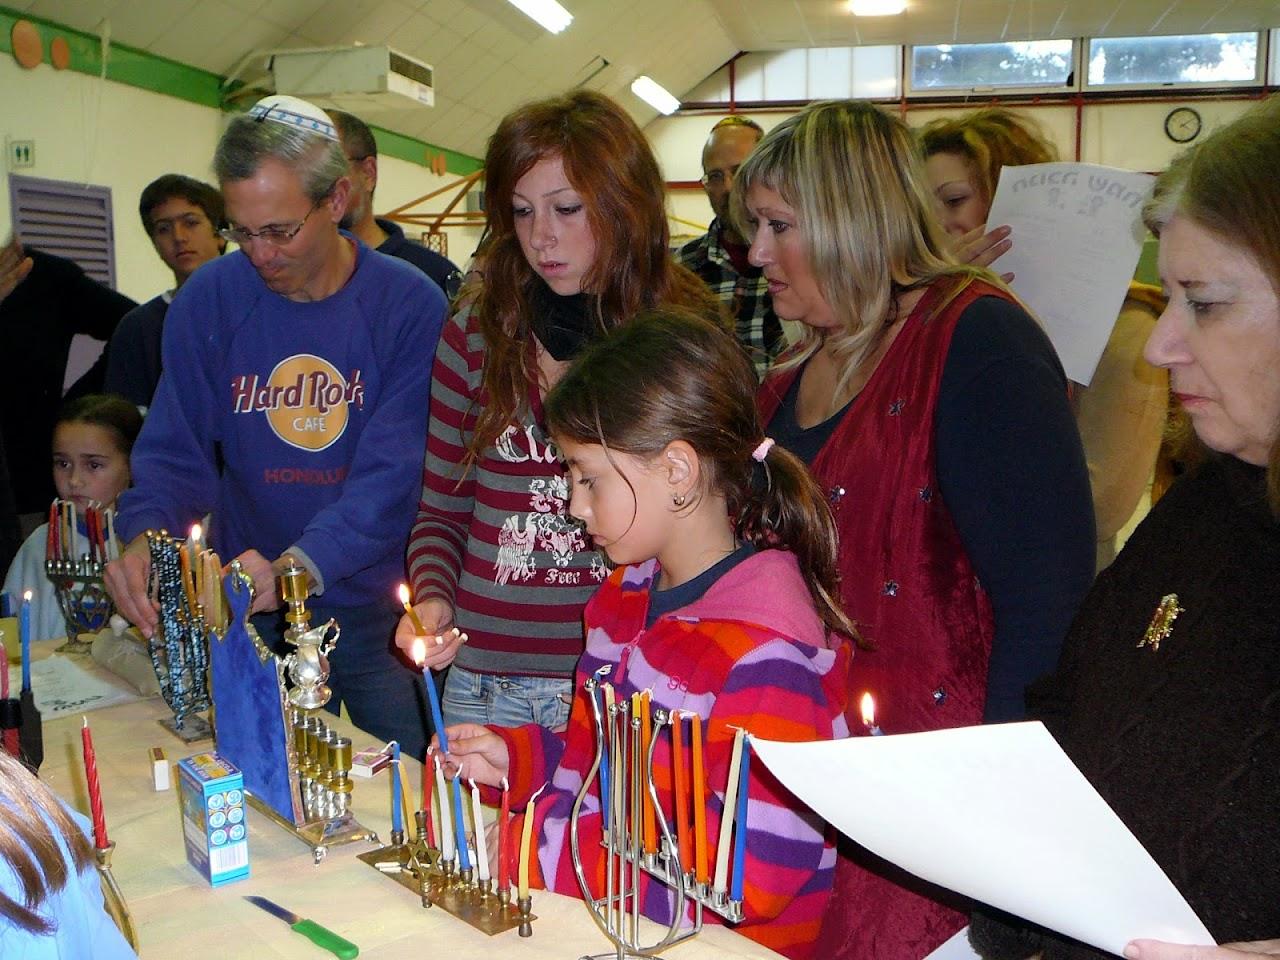 Hanukkah 2006  - 2006-12-22 10.06.31.jpg